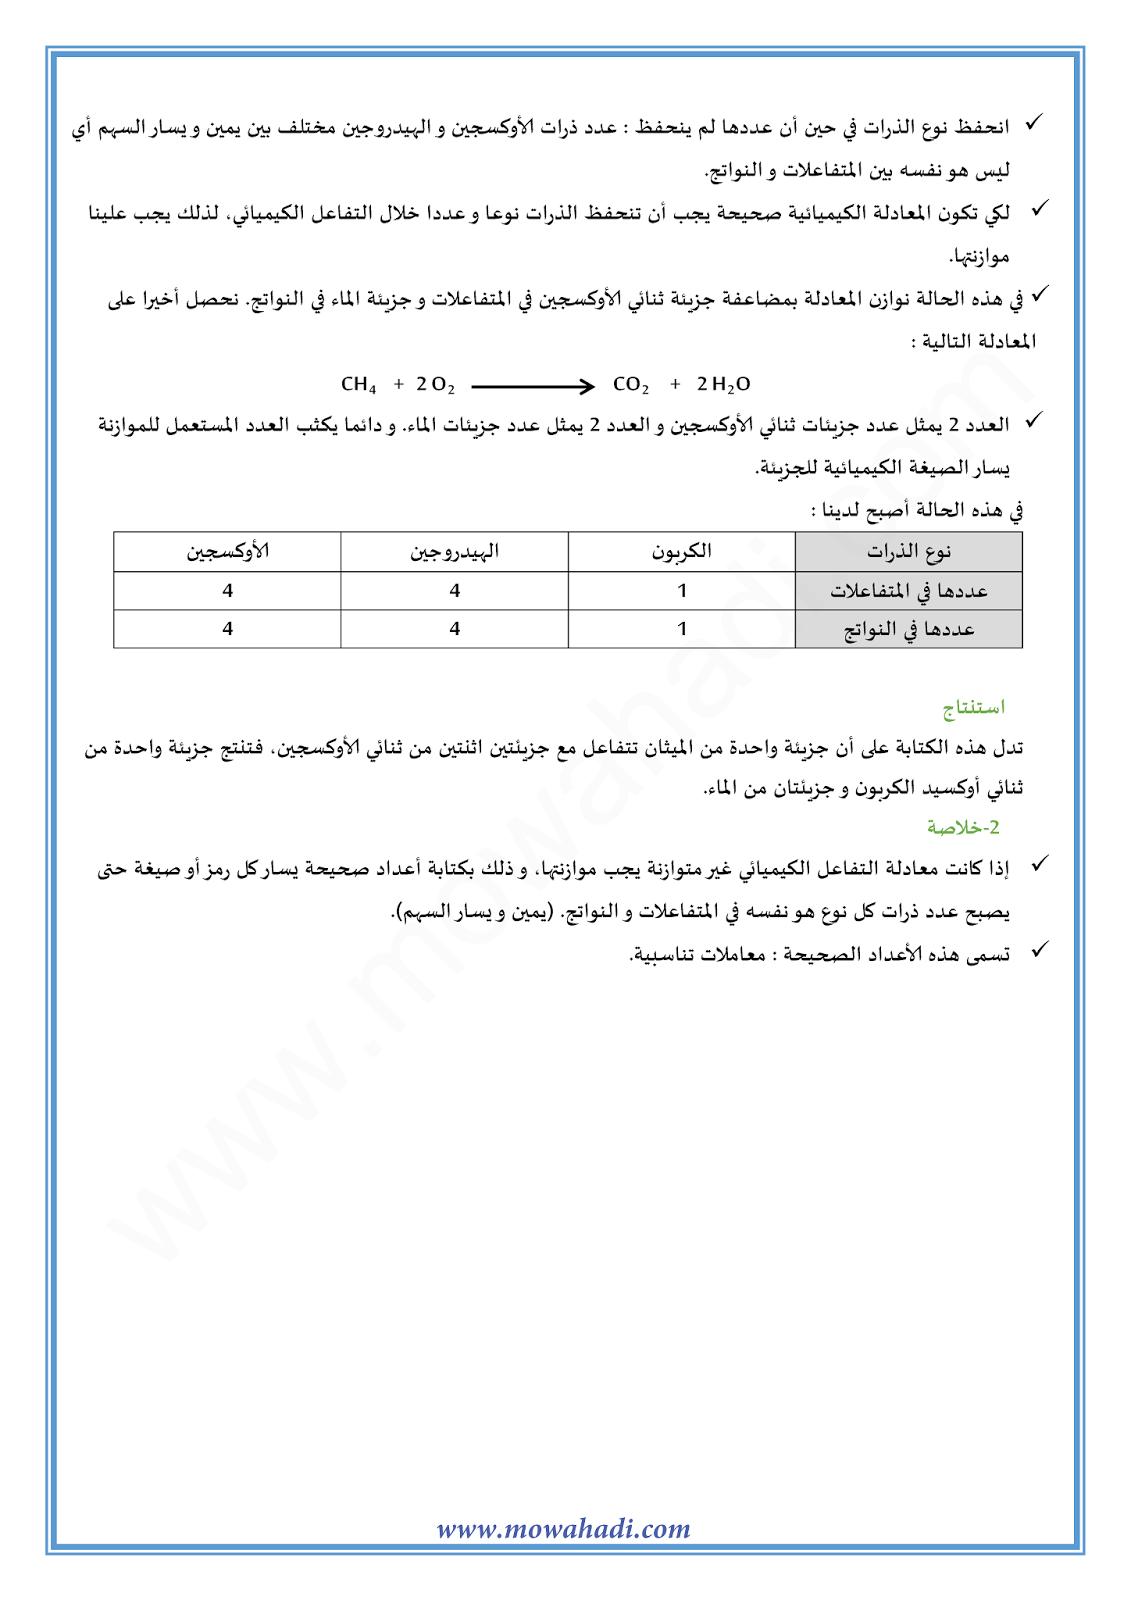 Pin By Chayma Lajnef On Jugfd Math Sheet Music Math Equations